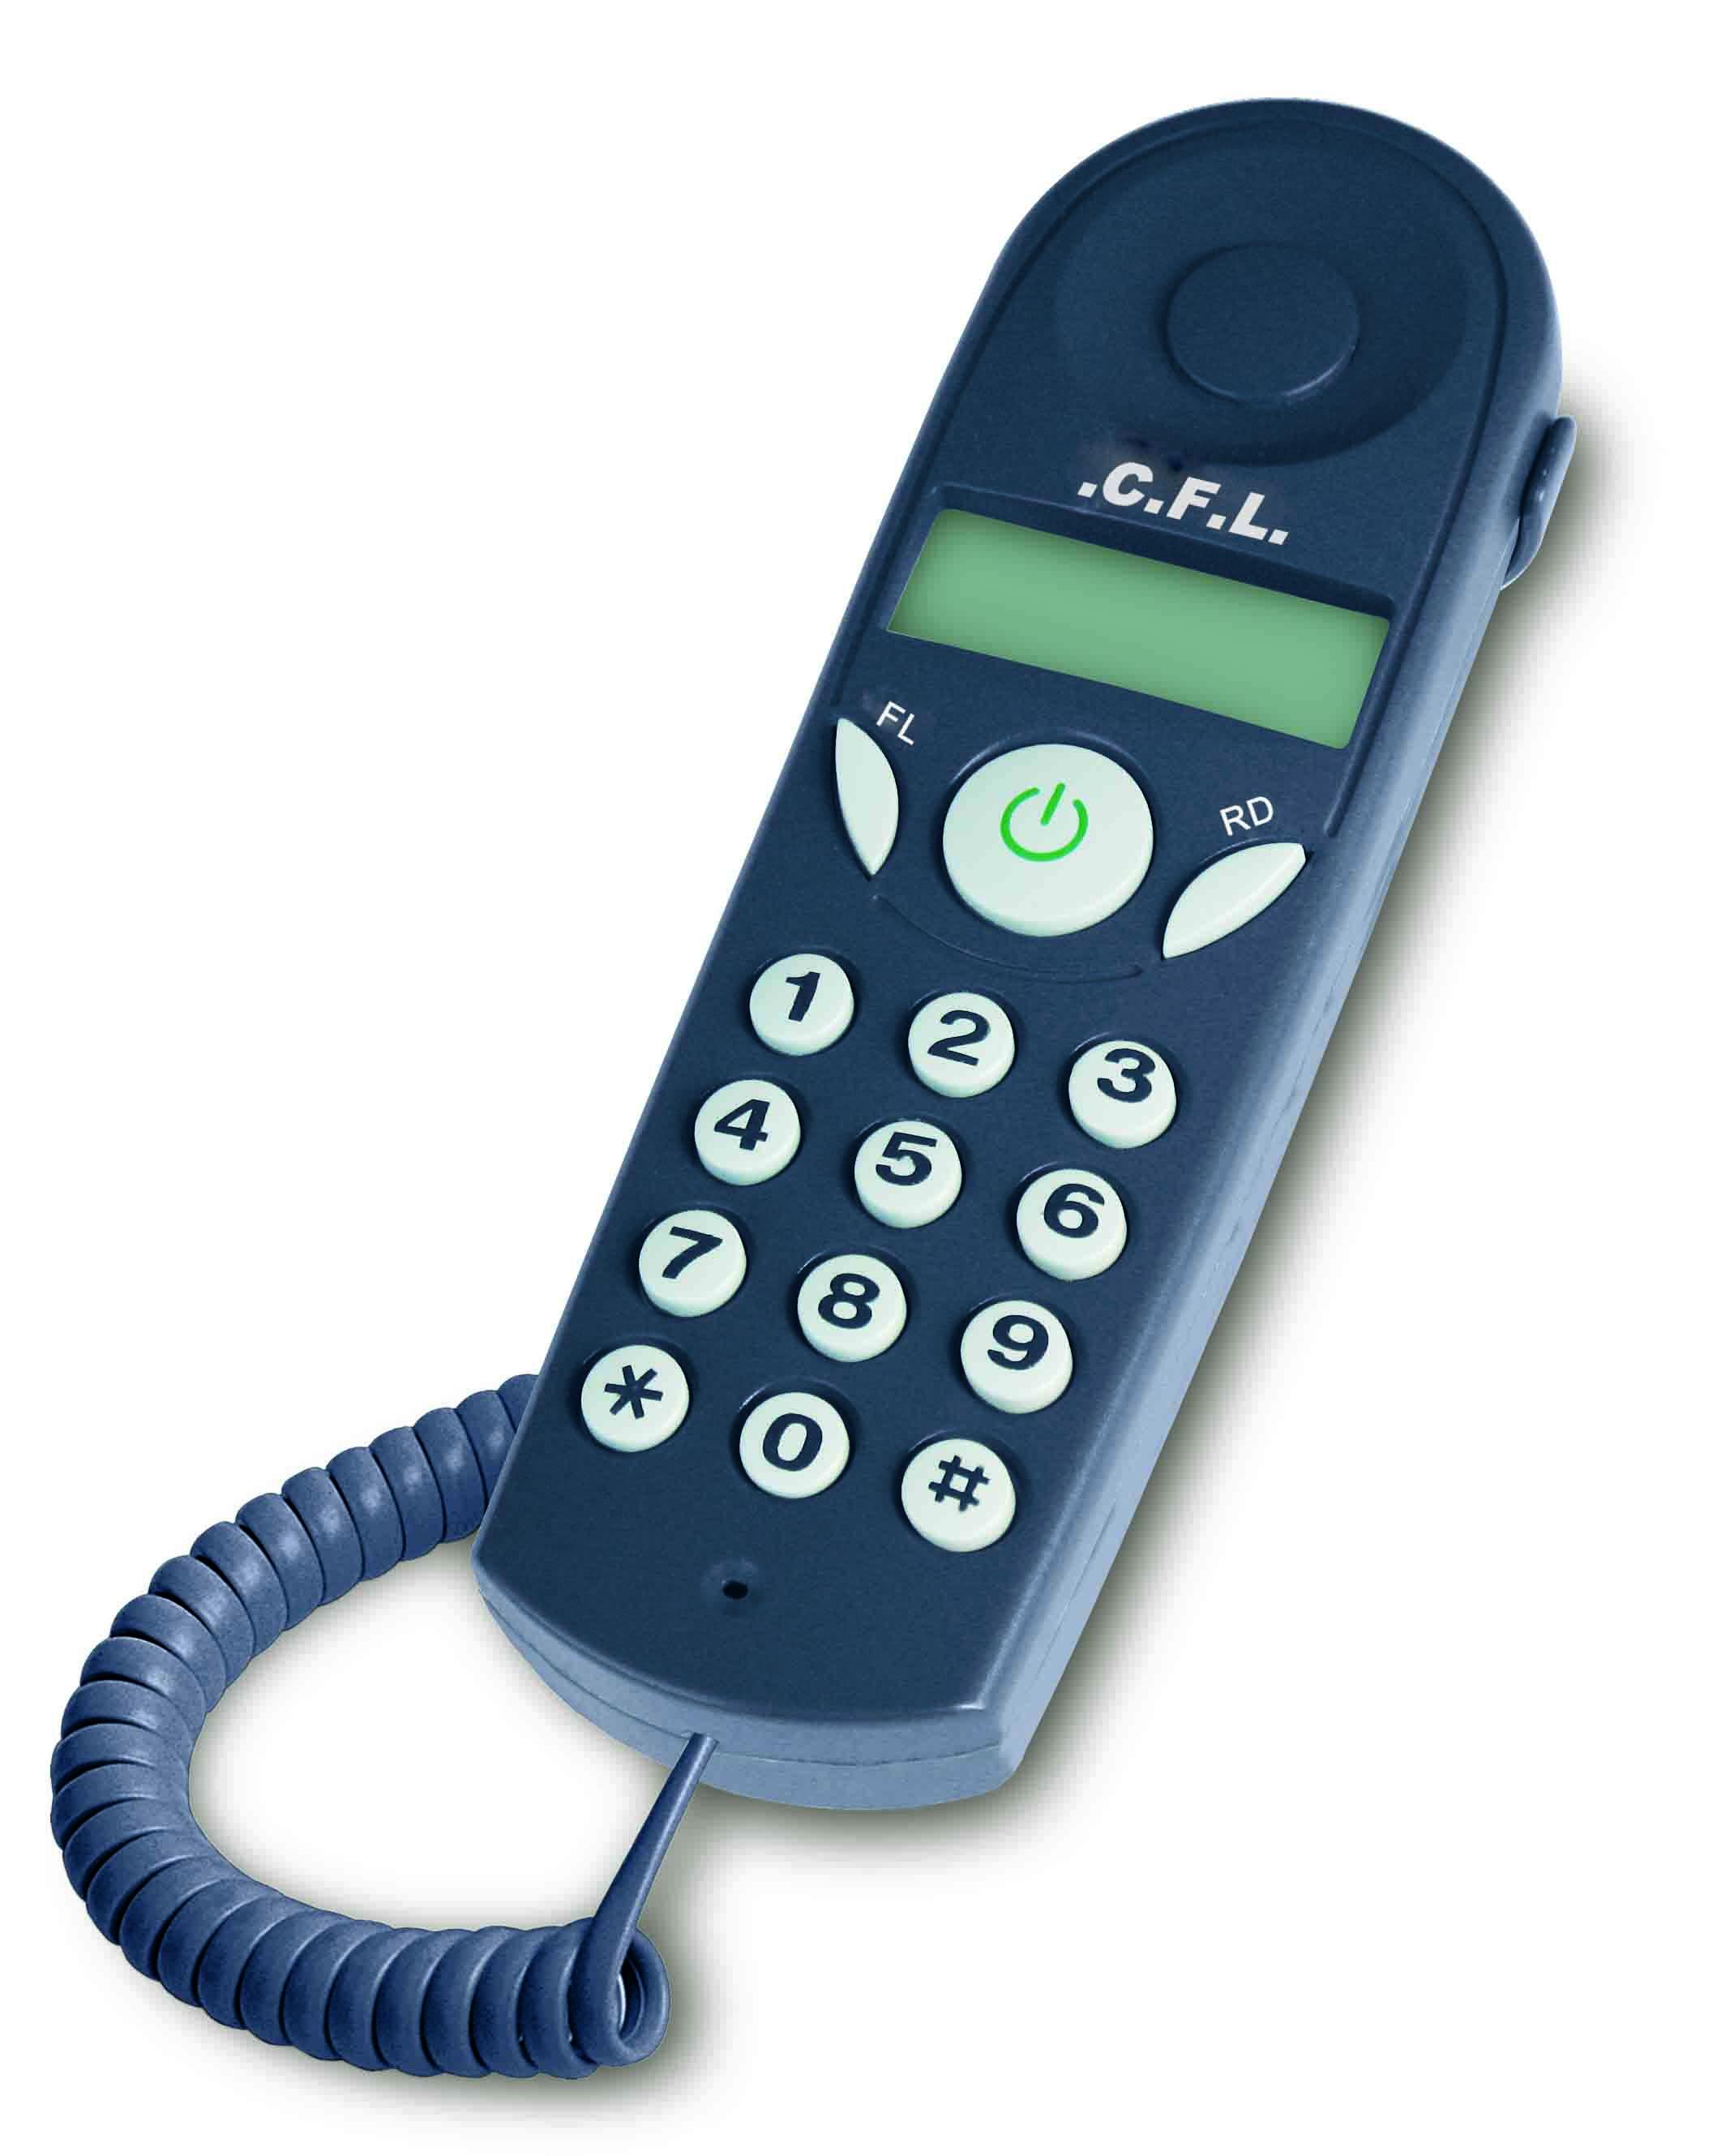 تلفن سی اف ال مدل 2020 مخصوص تست خط